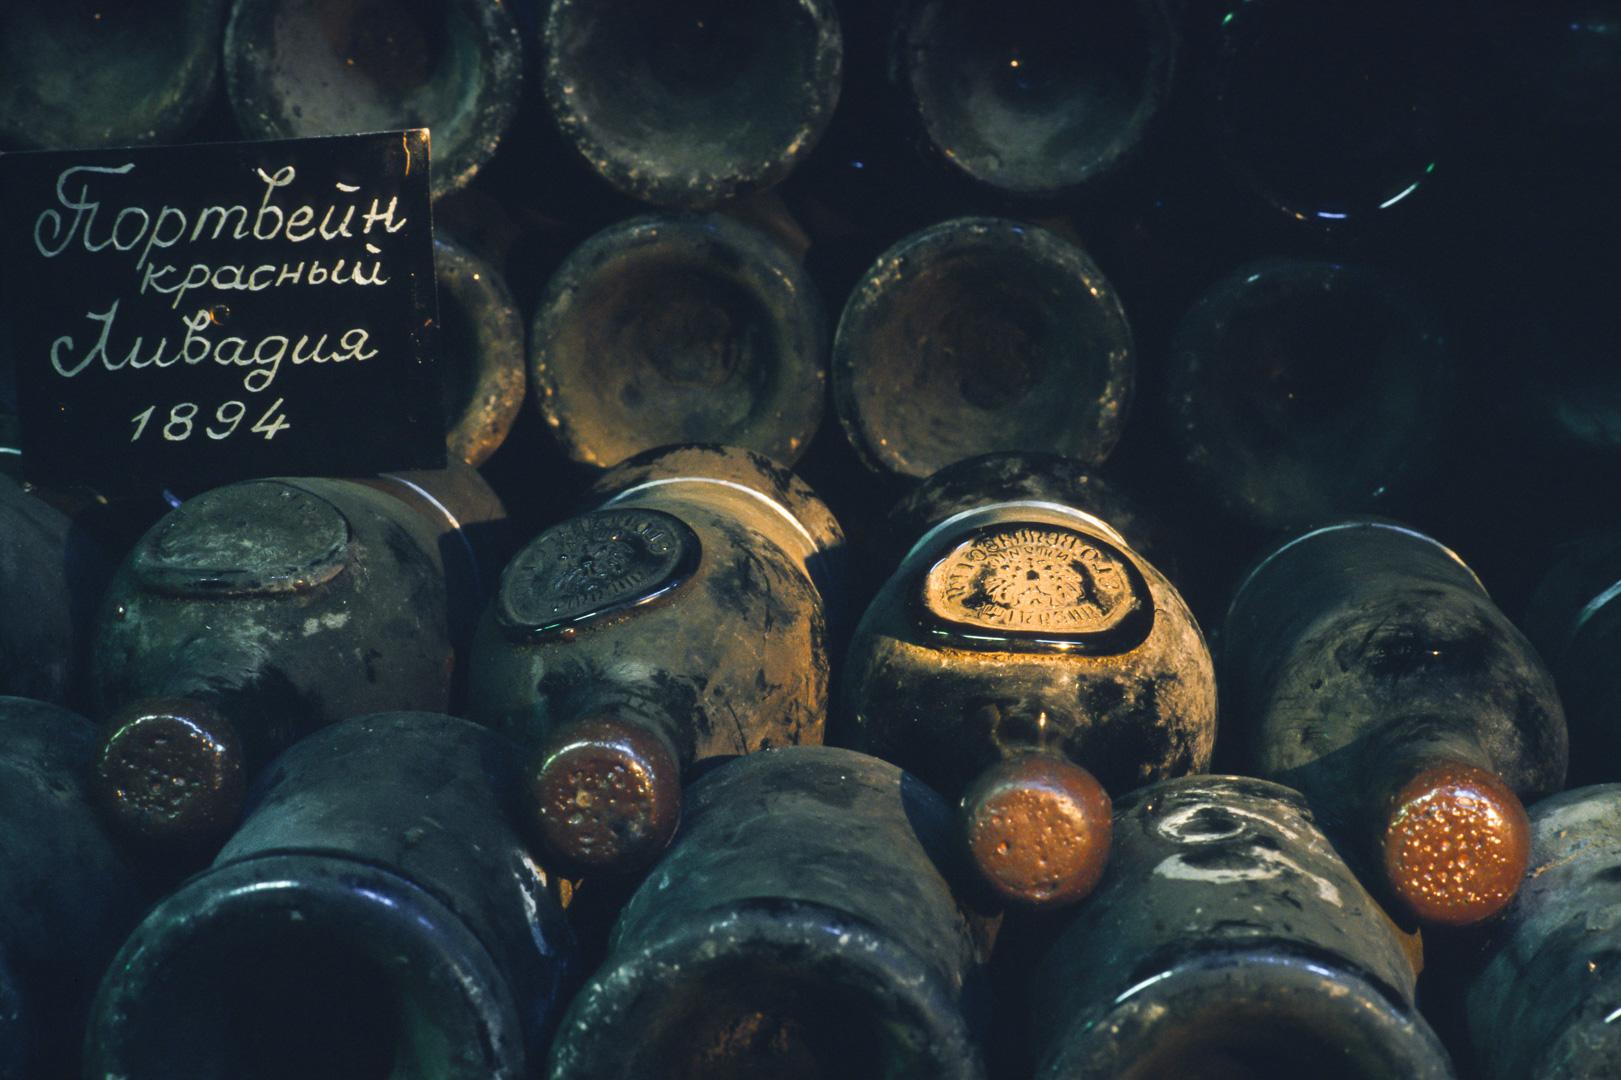 In der Ukraine (Russland) auf der Krim findet man in Massandras Weinkeller den Krimsekt mit Zarensiegel